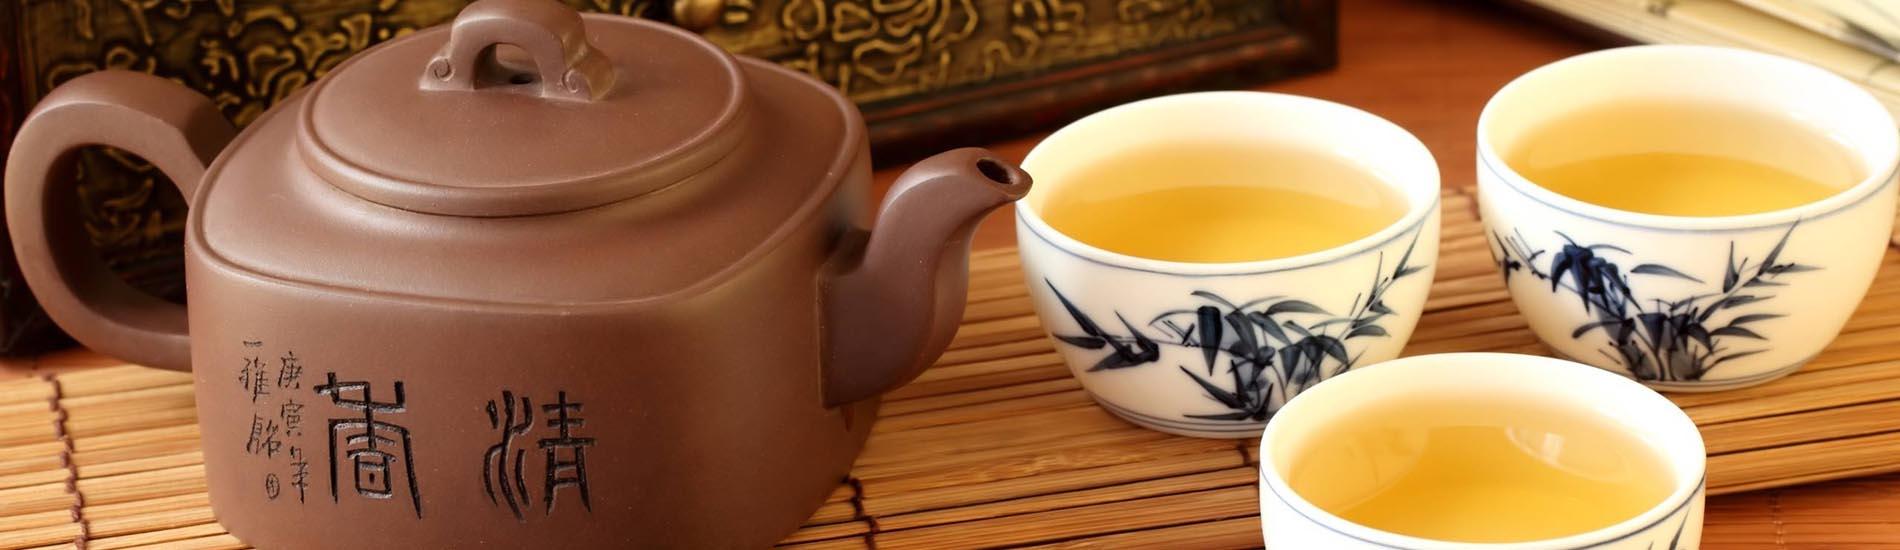 Geleneksel Çay Seramonileri